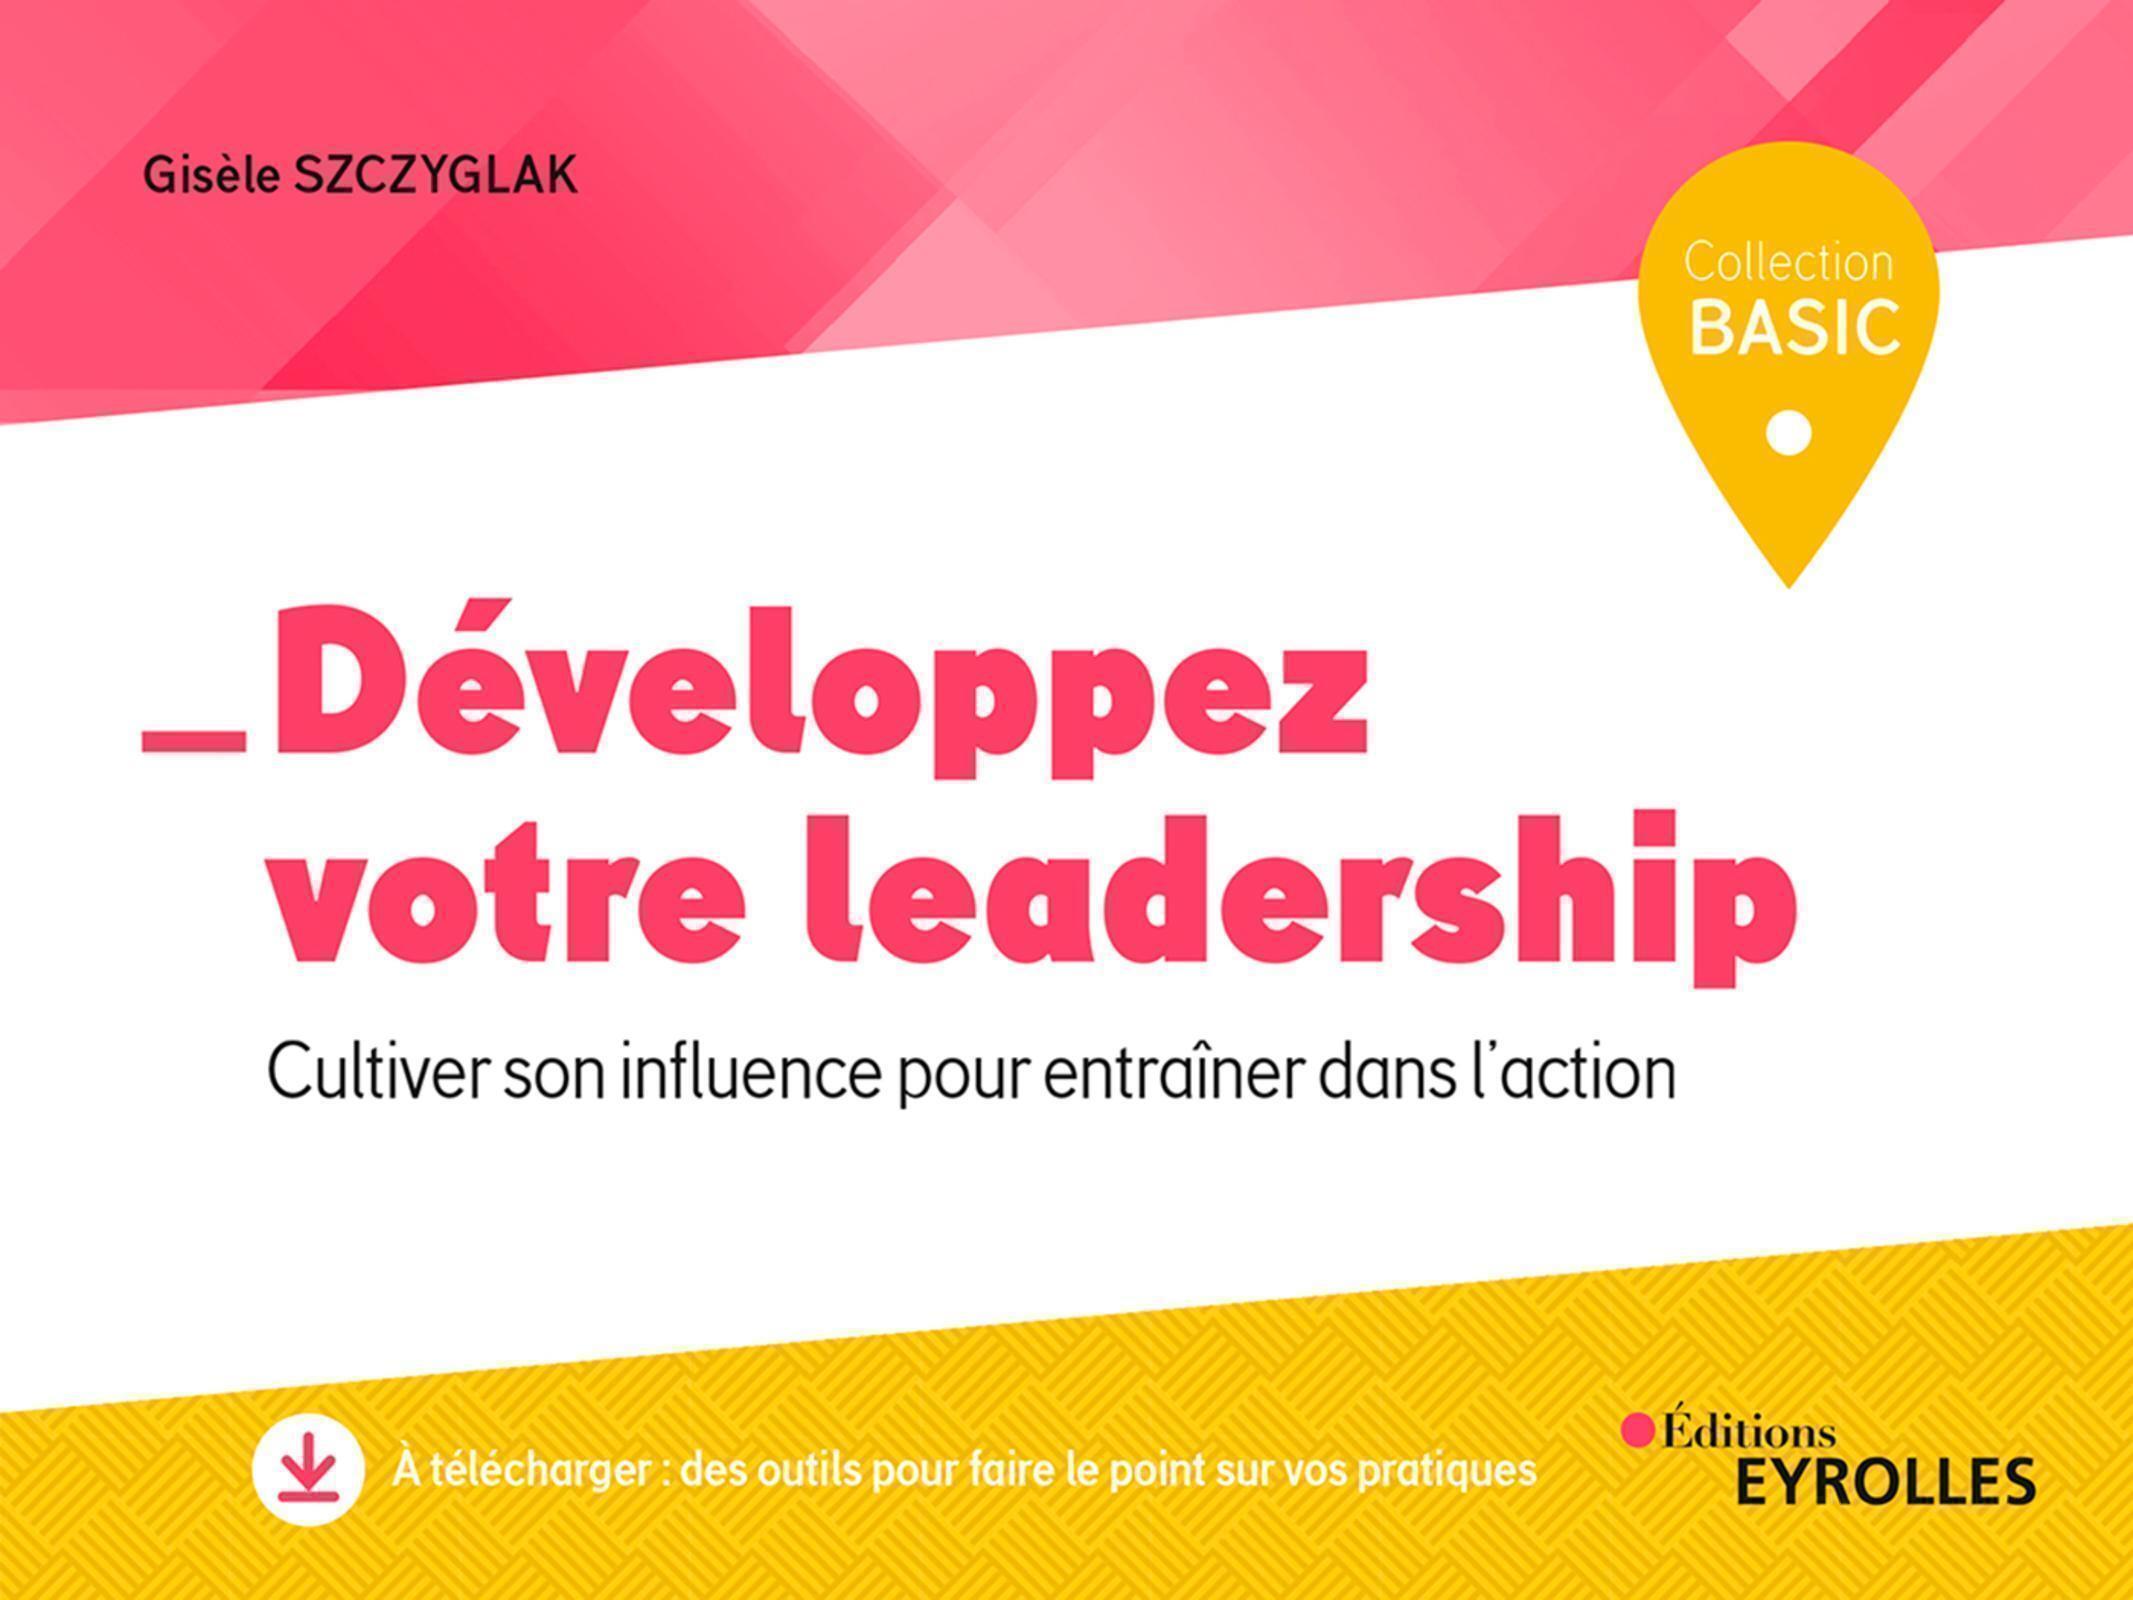 DEVELOPPEZ VOTRE LEADERSHIP - CULTIVER SON INFLUENCE POUR ENTRAINER DANS L'ACTION